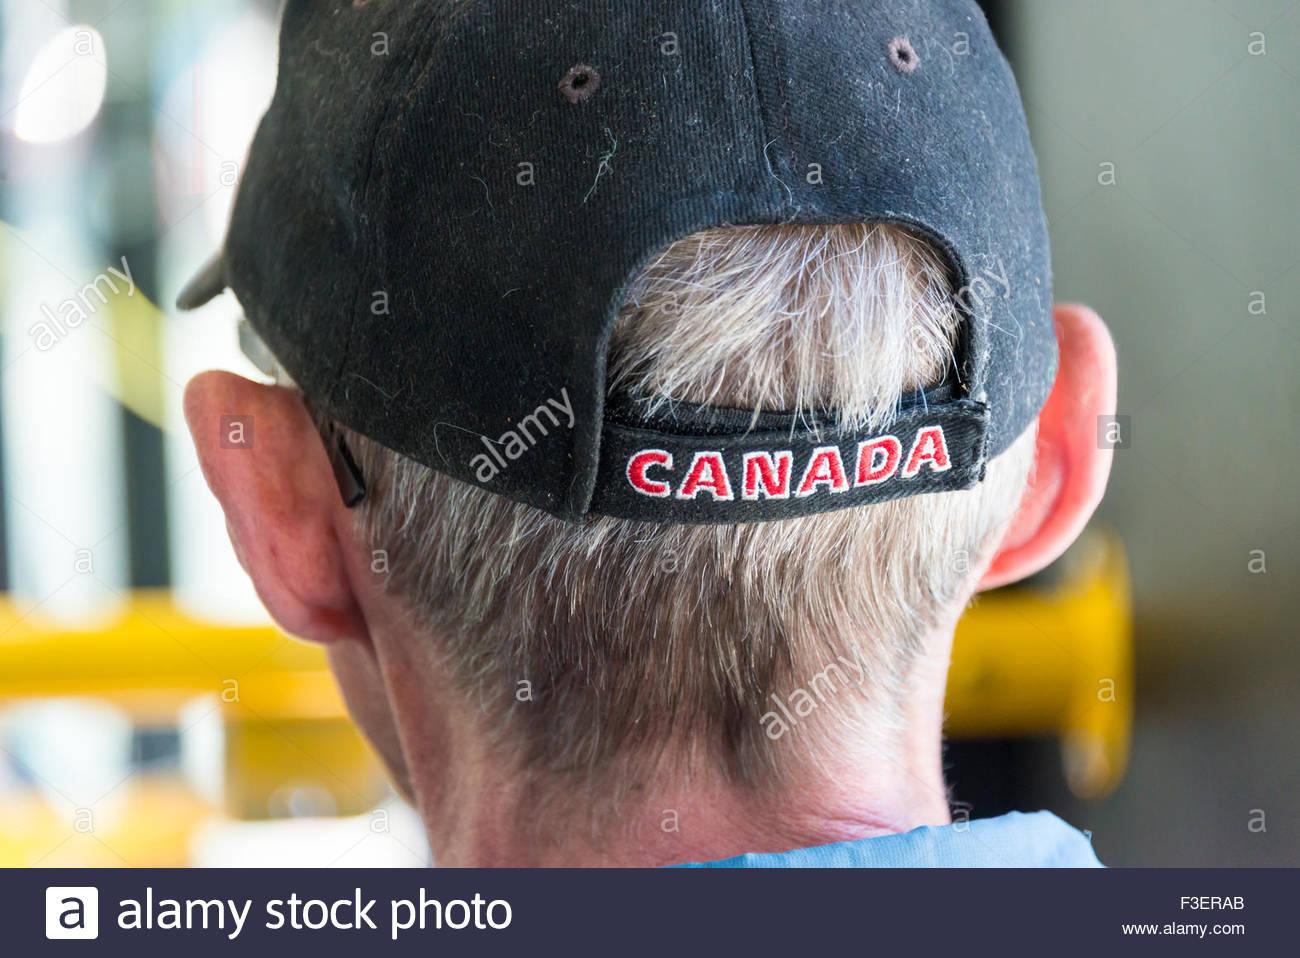 Anziani in Canada: Senior in sella alla TTC in Toronto city indossando un cappello sulla testa con una iscrizione Immagini Stock